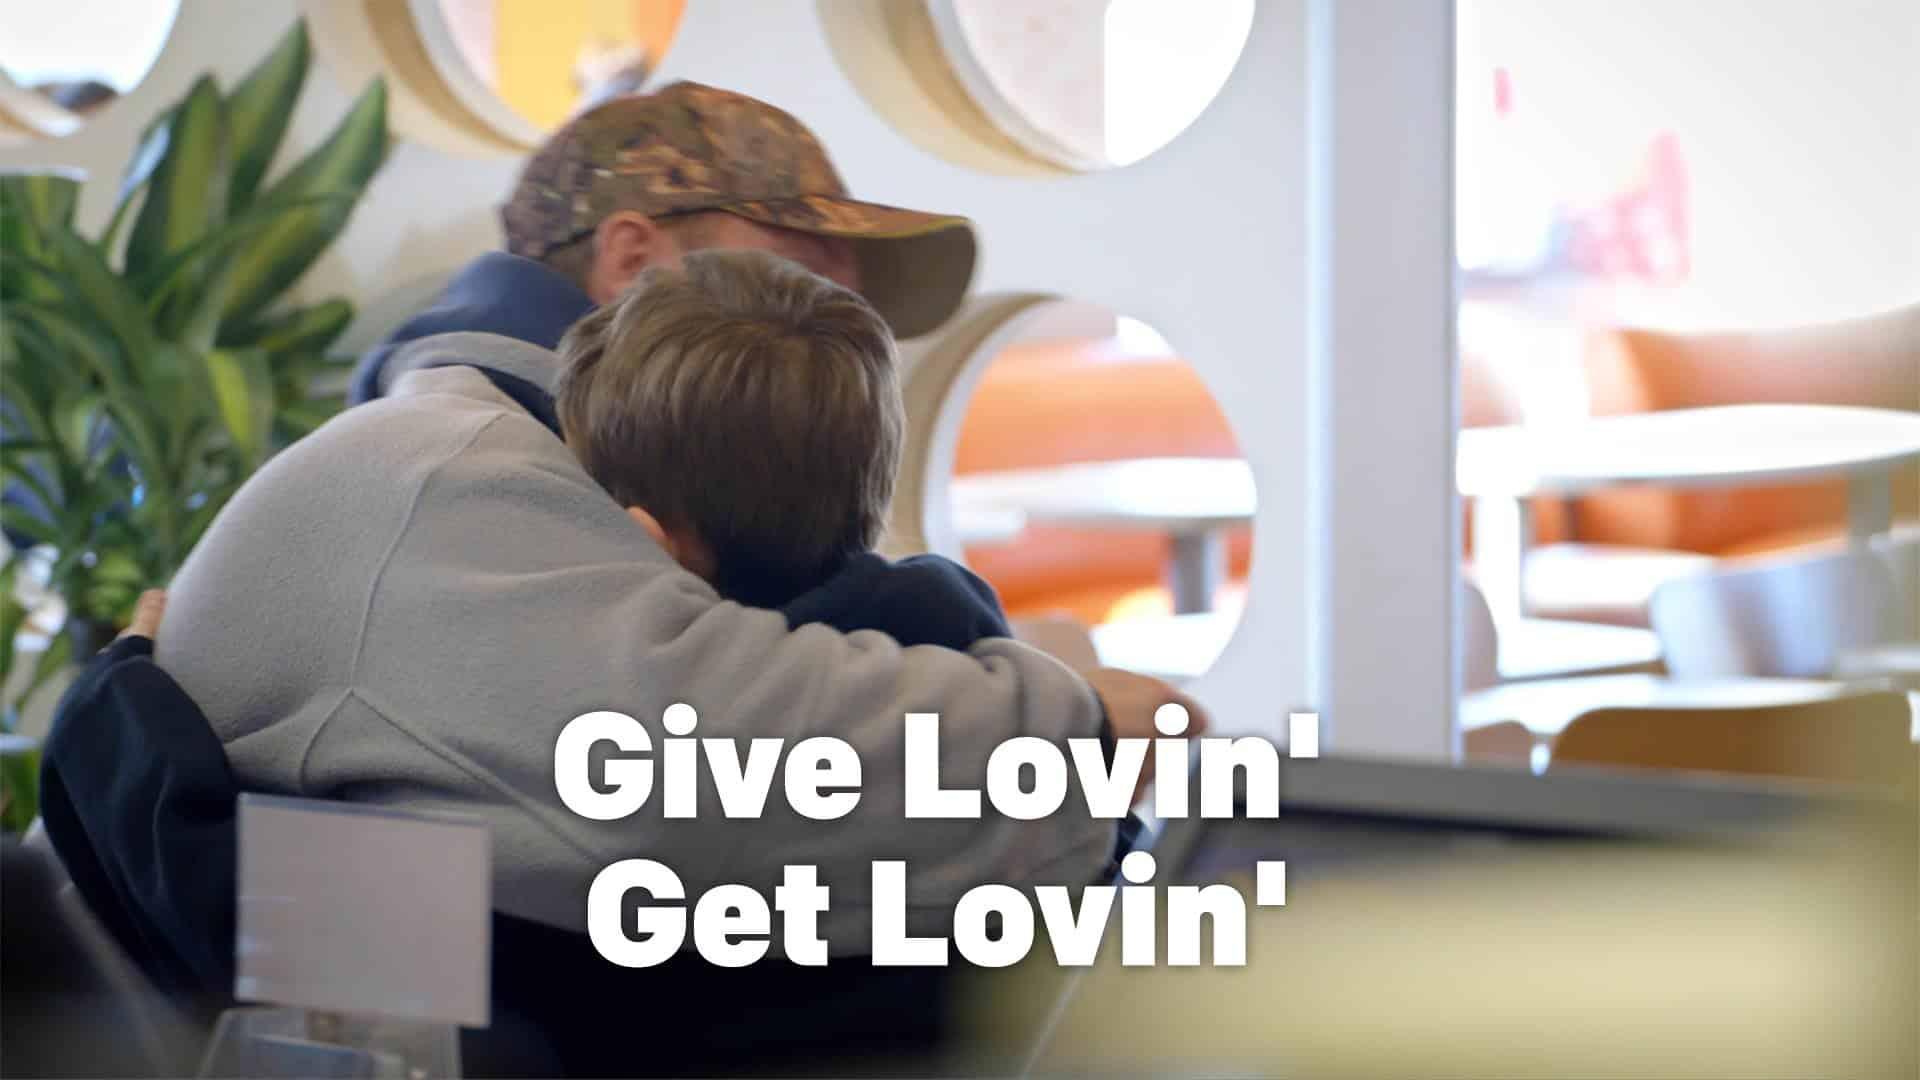 McDonald's Pay With Lovin'